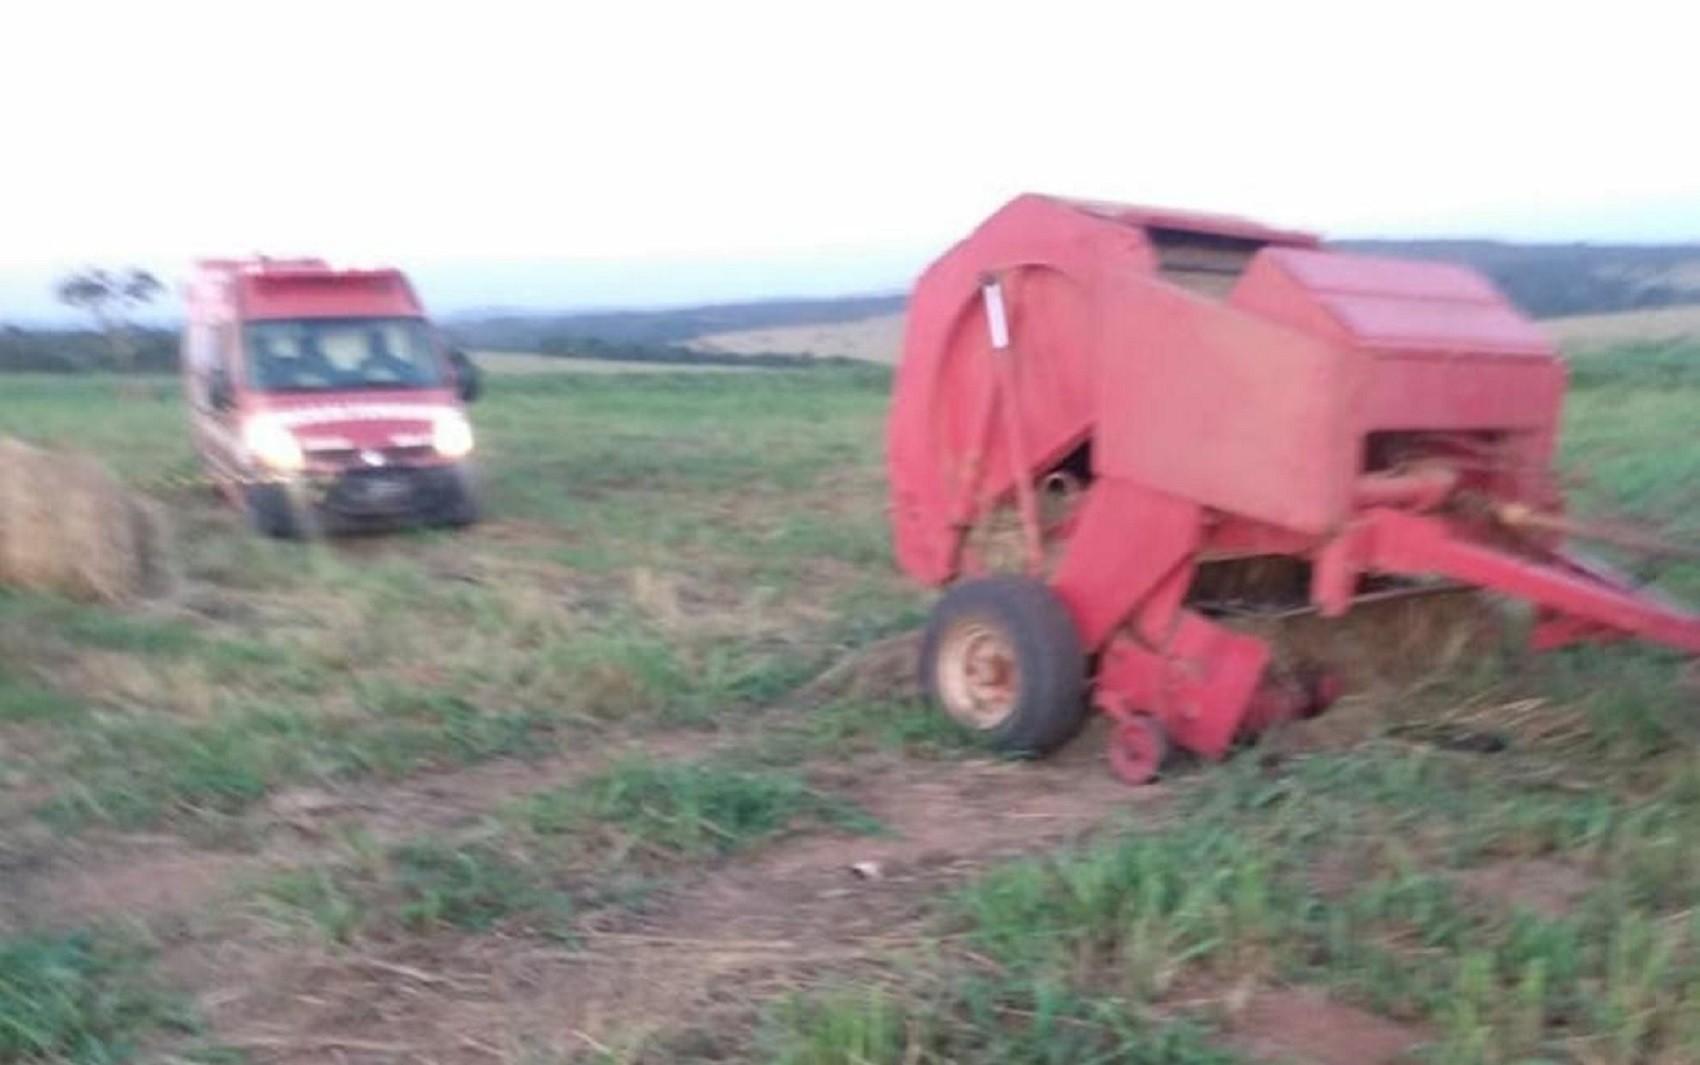 Homem morre prensado após cair dentro de máquina durante o trabalho em Silvânia, dizem bombeiros